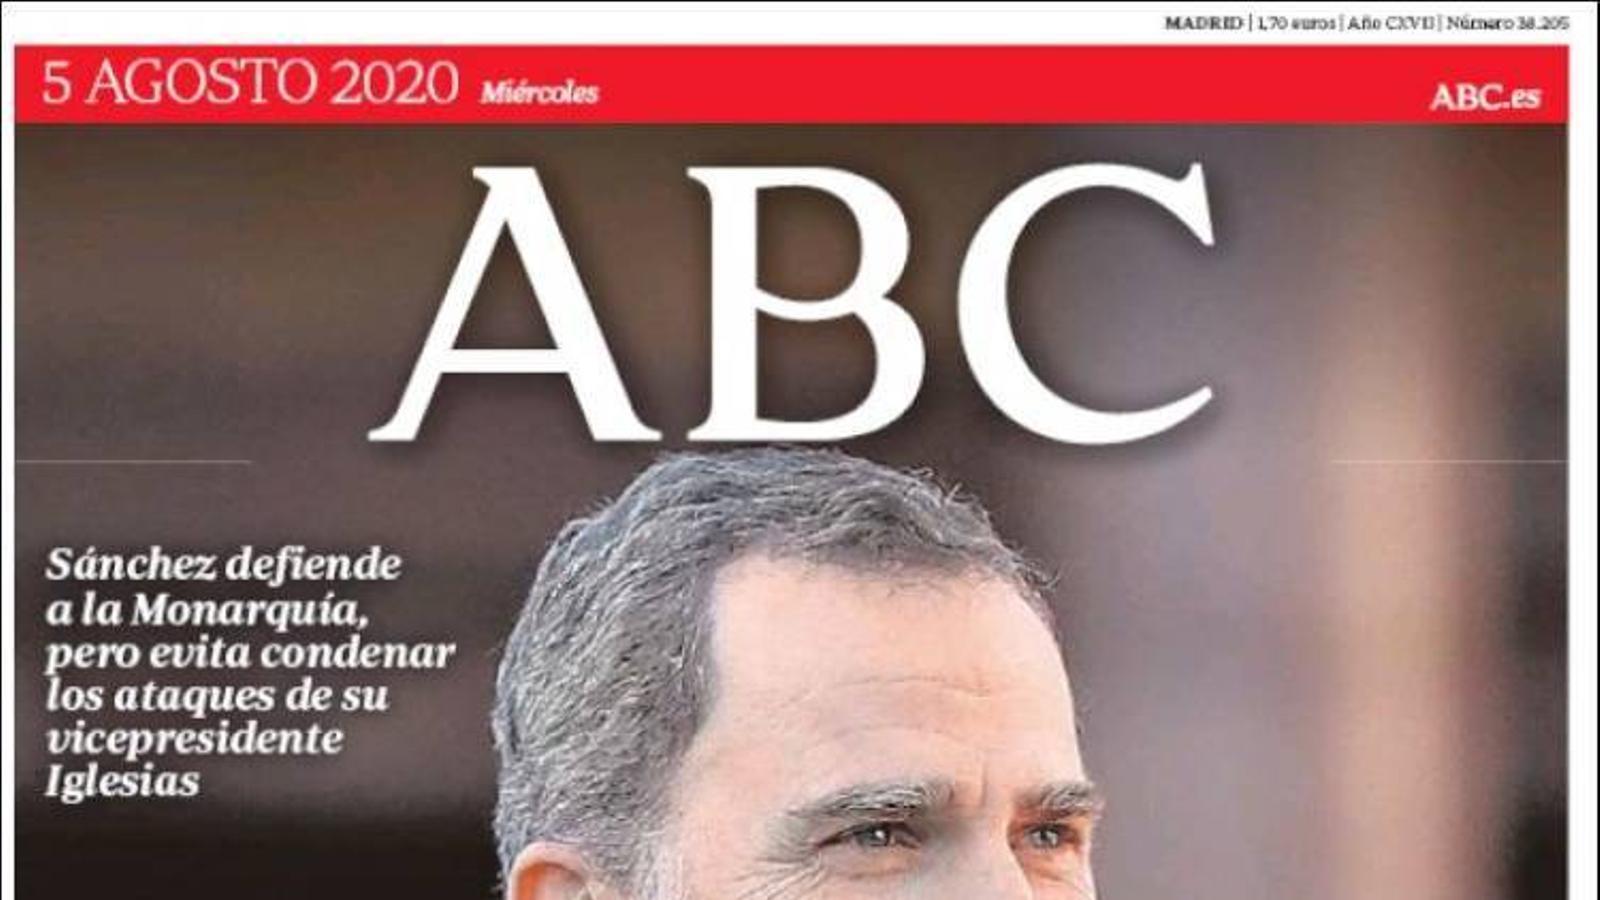 La portada de l''Abc' del 5 d'agost de 2020